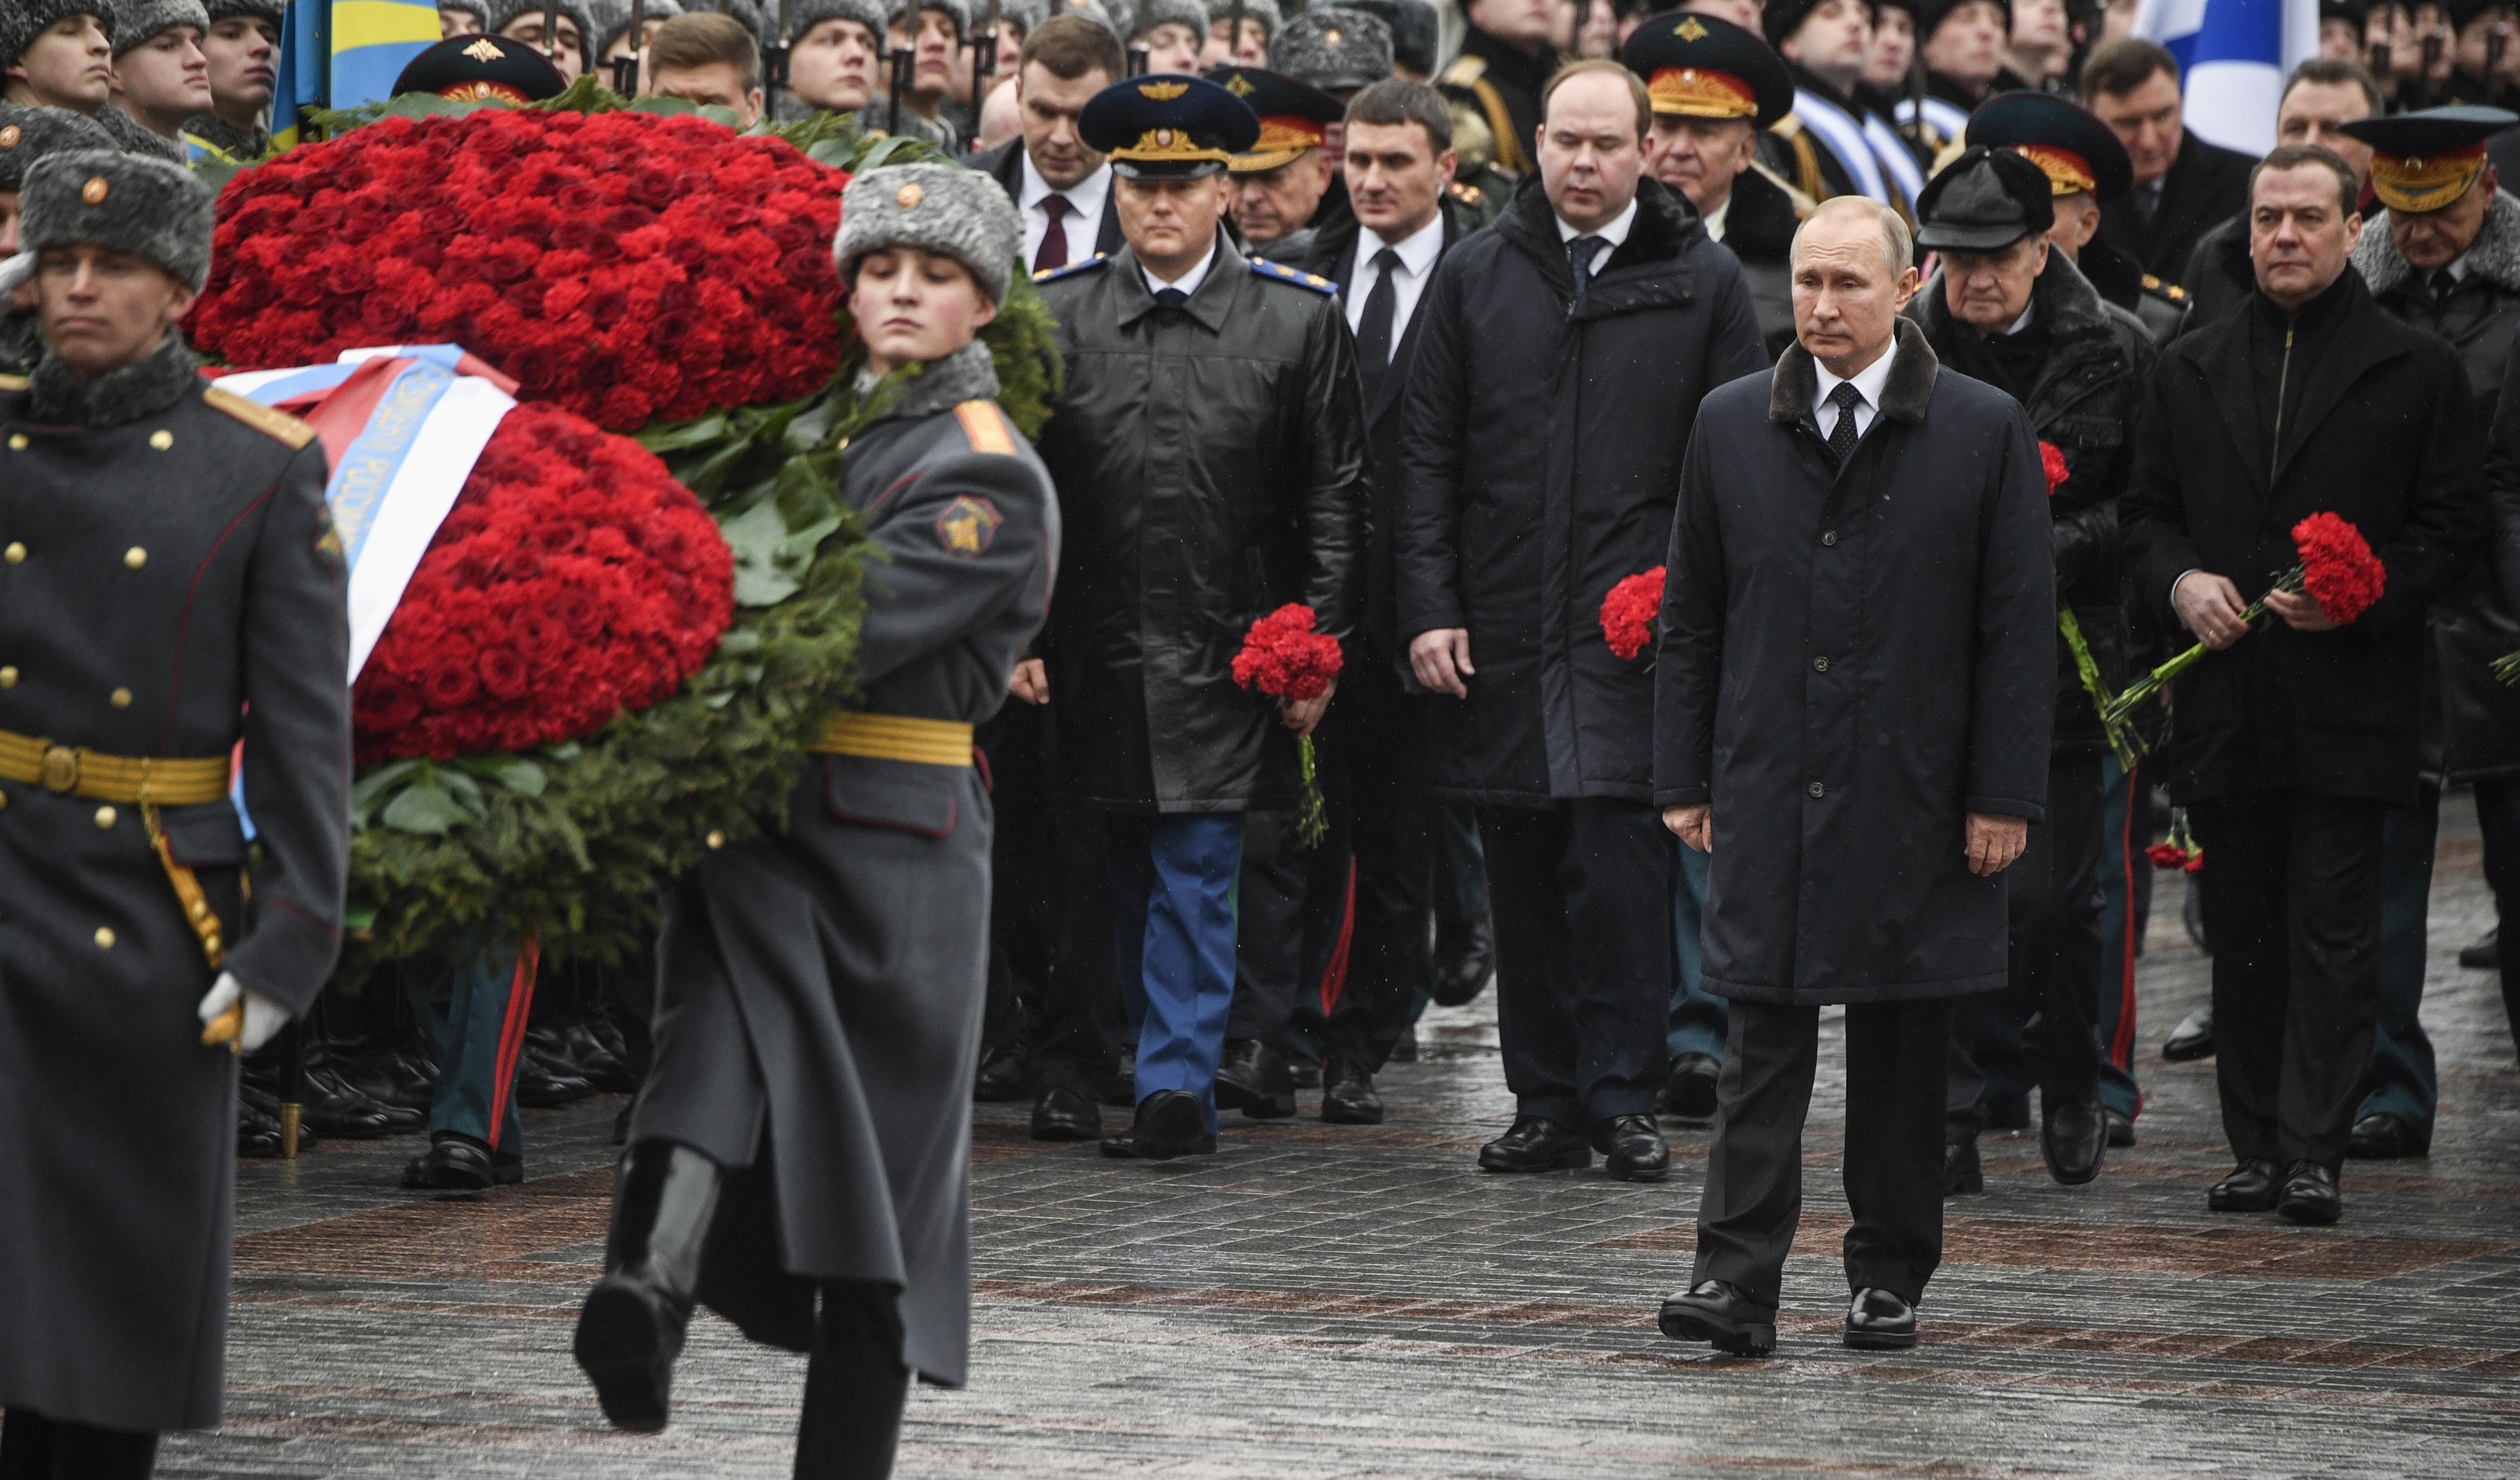 Путин обеща свръхмодерни лазерни и хиперзвукови оръжия за армията и флота /СНИМКИ/